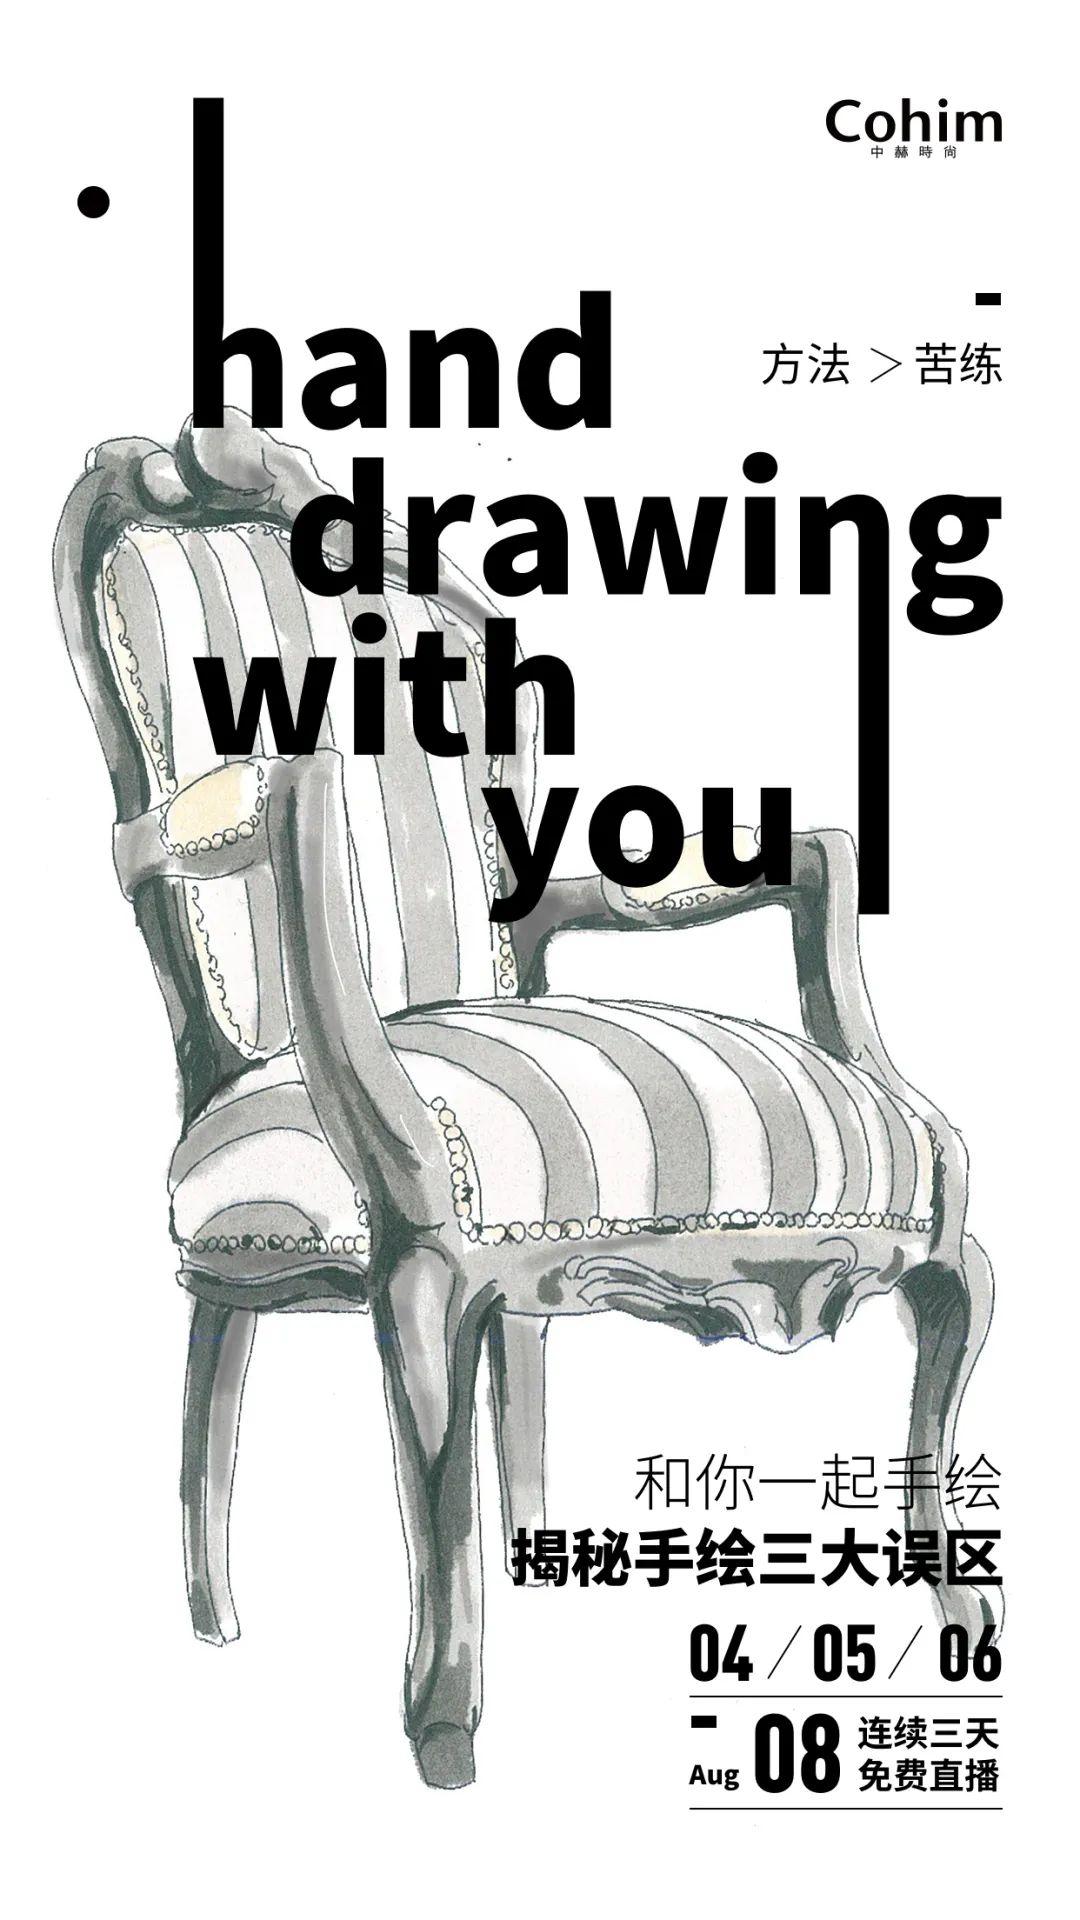 手绘,手绘设计,基础手绘学习,手绘工具,手绘技巧,设计师,室内设计师,软装设计师